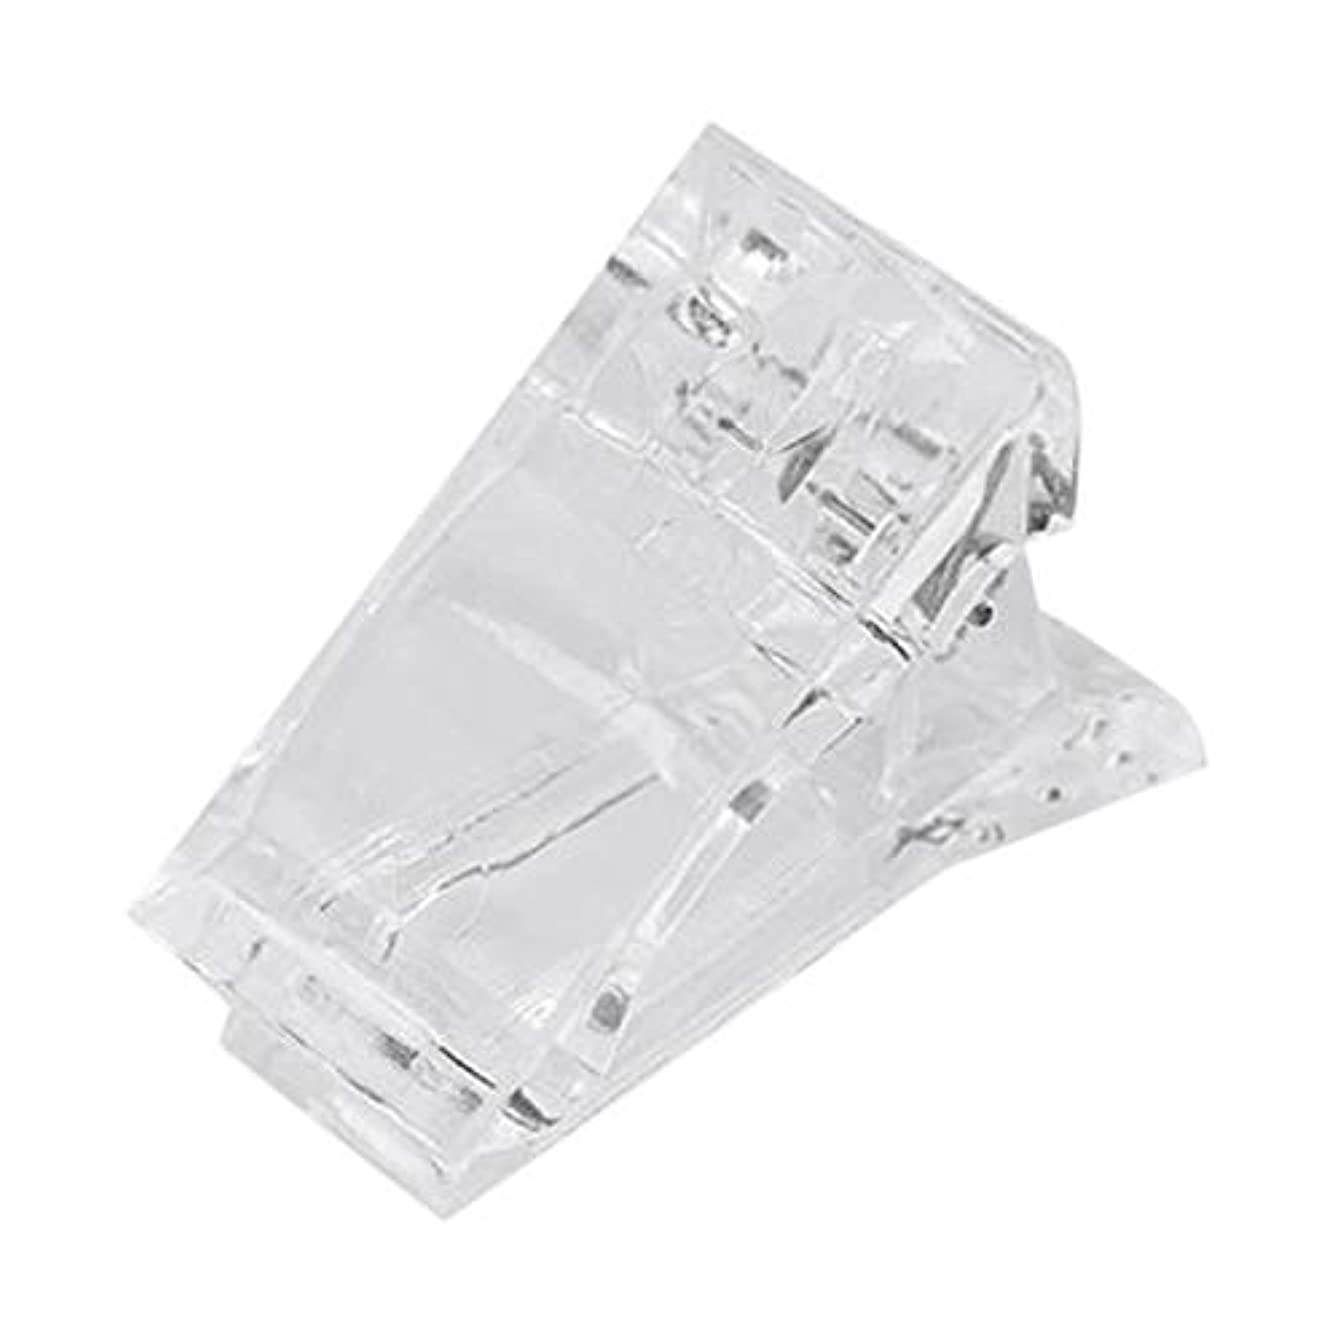 感じる干渉する吐くGaoominy ネイルのクリップ 透明指ポリクイック ビルディングジェルエクステンション ネイルアート マニキュアツール アクセサリー 偽ネイル